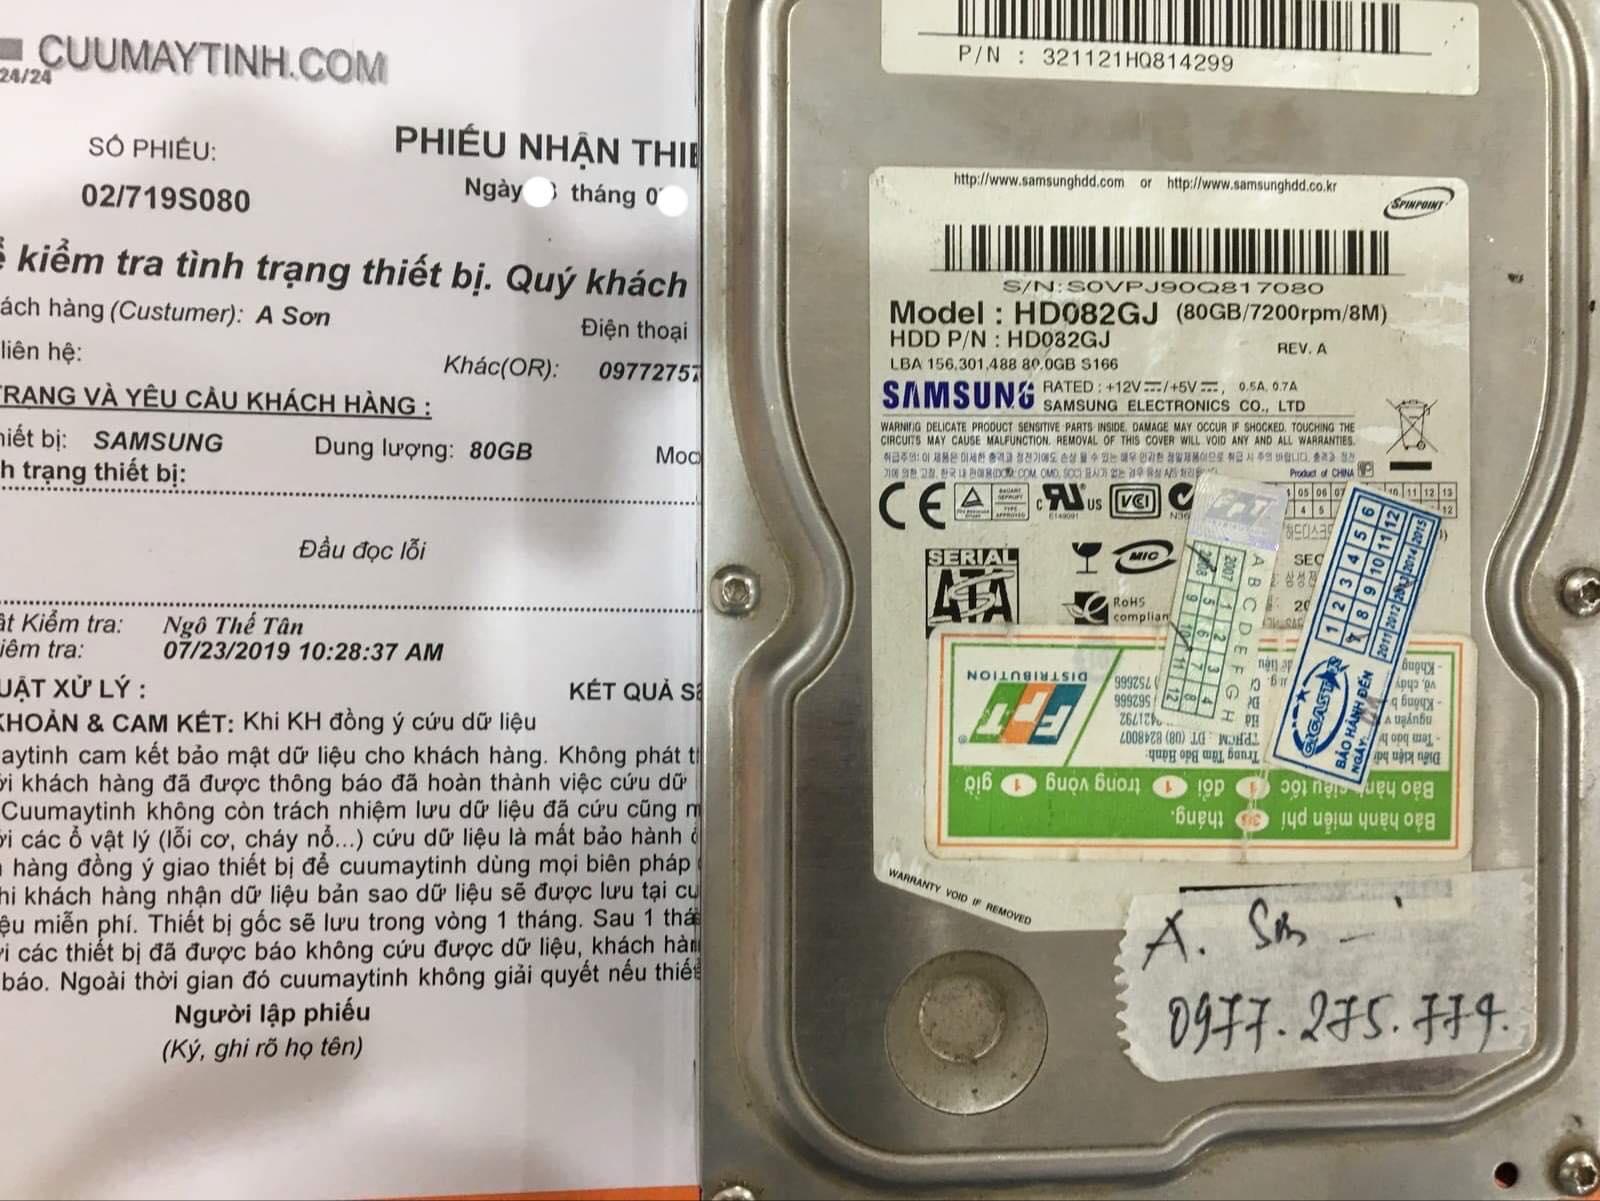 Phục hồi dữ liệu ổ cứng Samsung 80GB lỗi đầu đọc 05/08/2019 - cuumaytinh